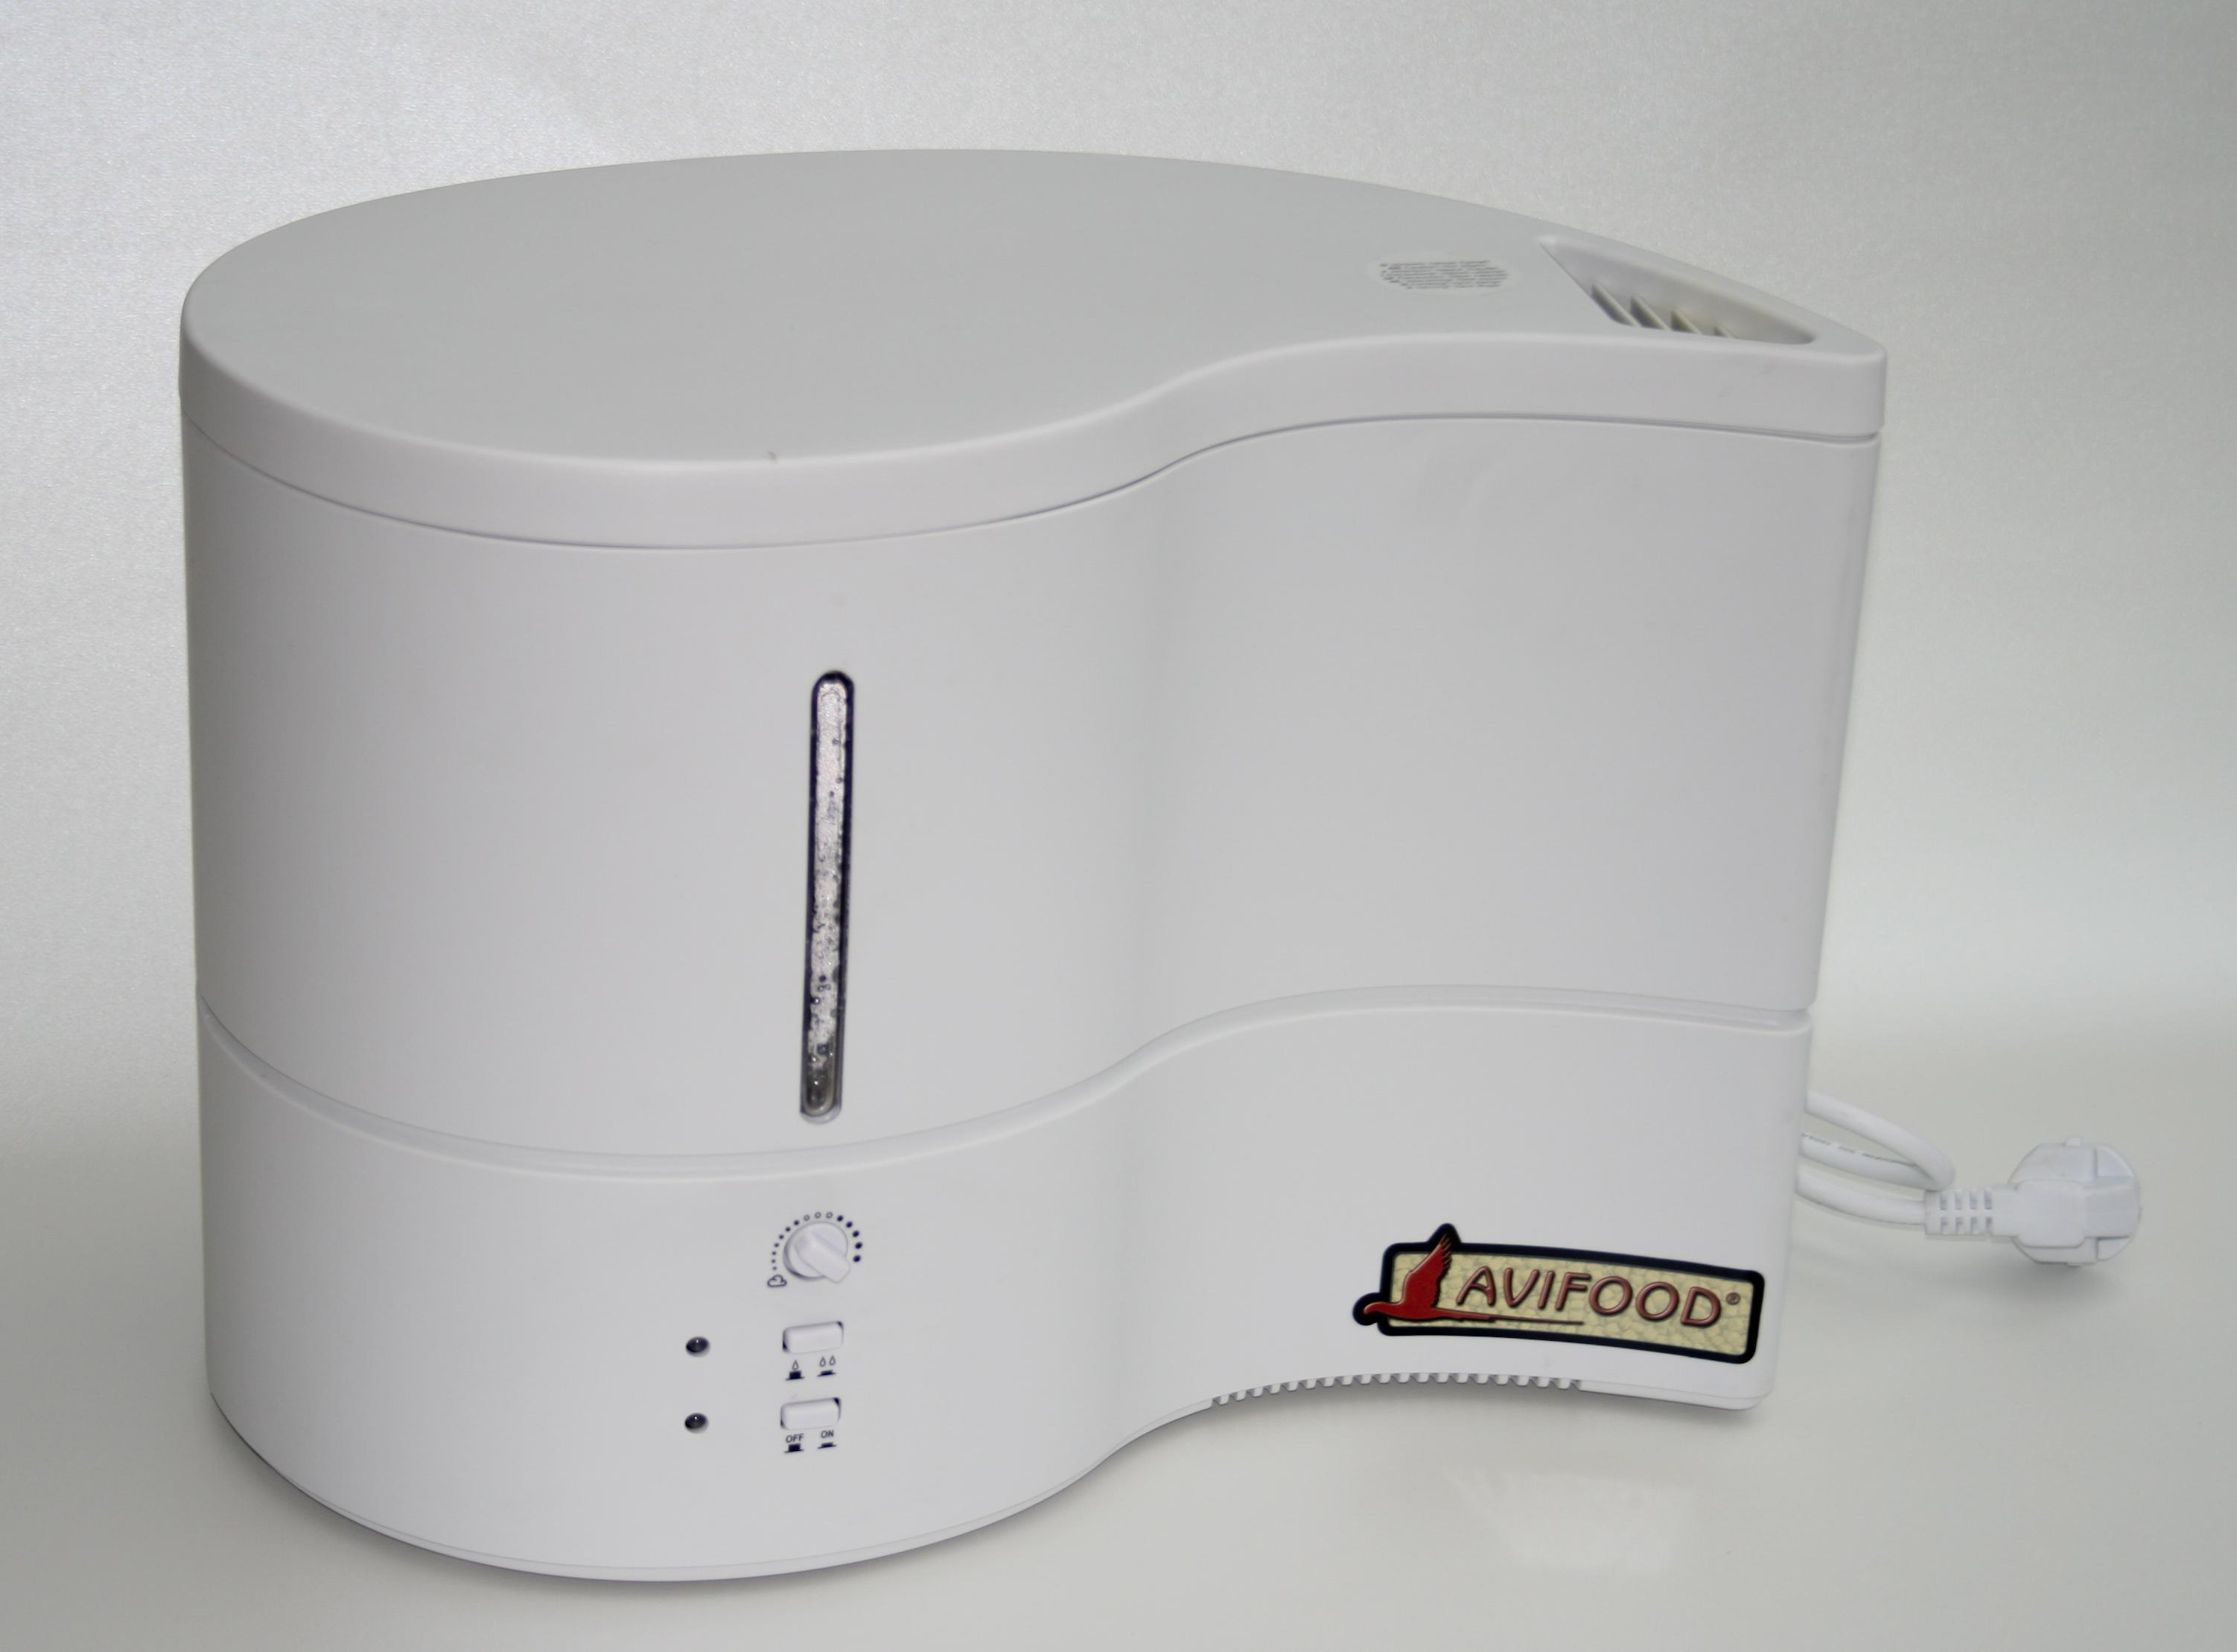 AVIFOOD e.K. Vaporiser Humidifier online einkaufen #672E28